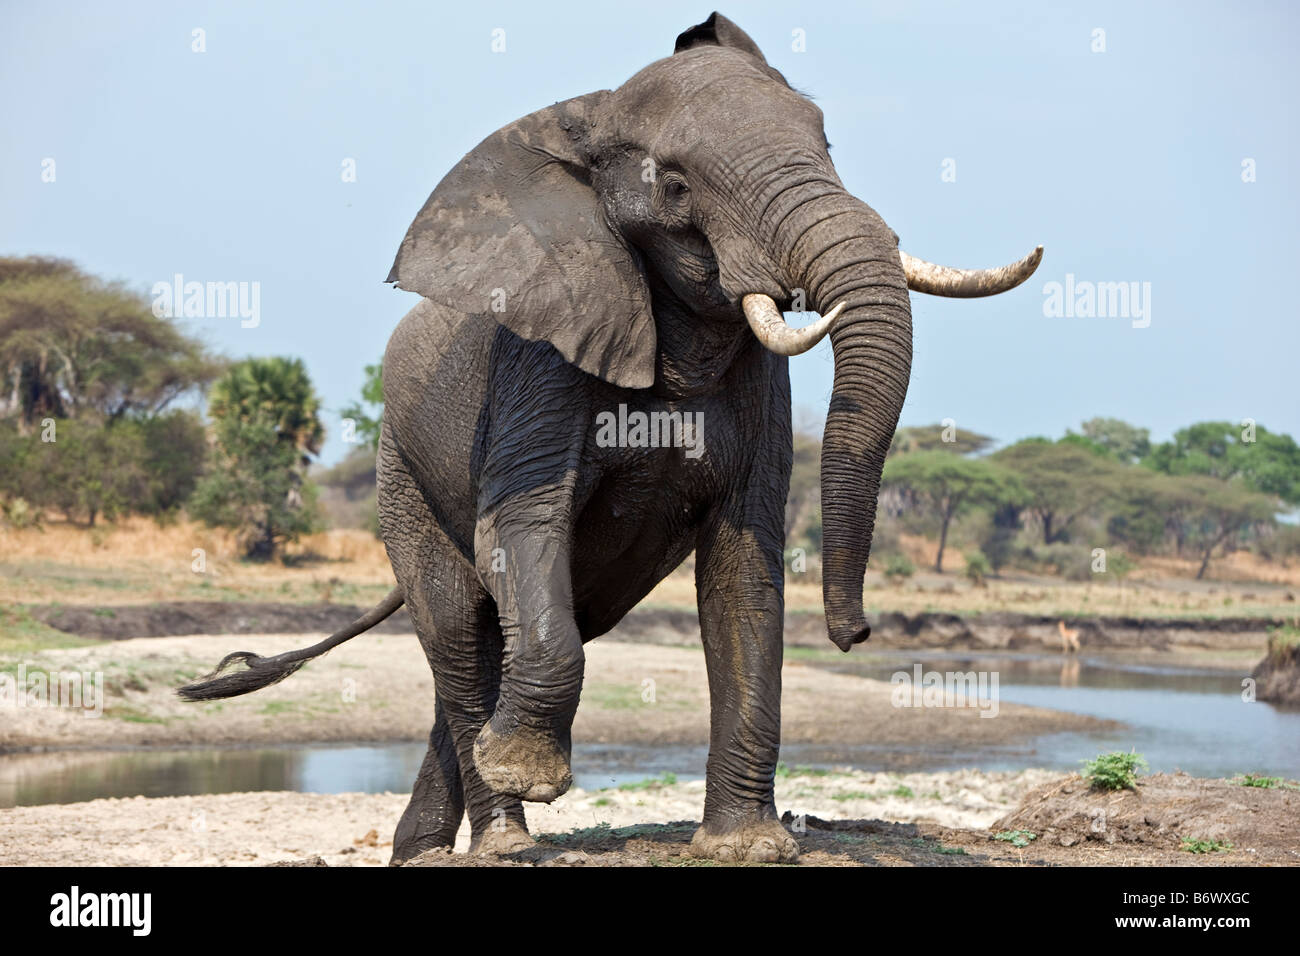 Tanzania, Katavi National Park. An elephant displays aggression. - Stock Image